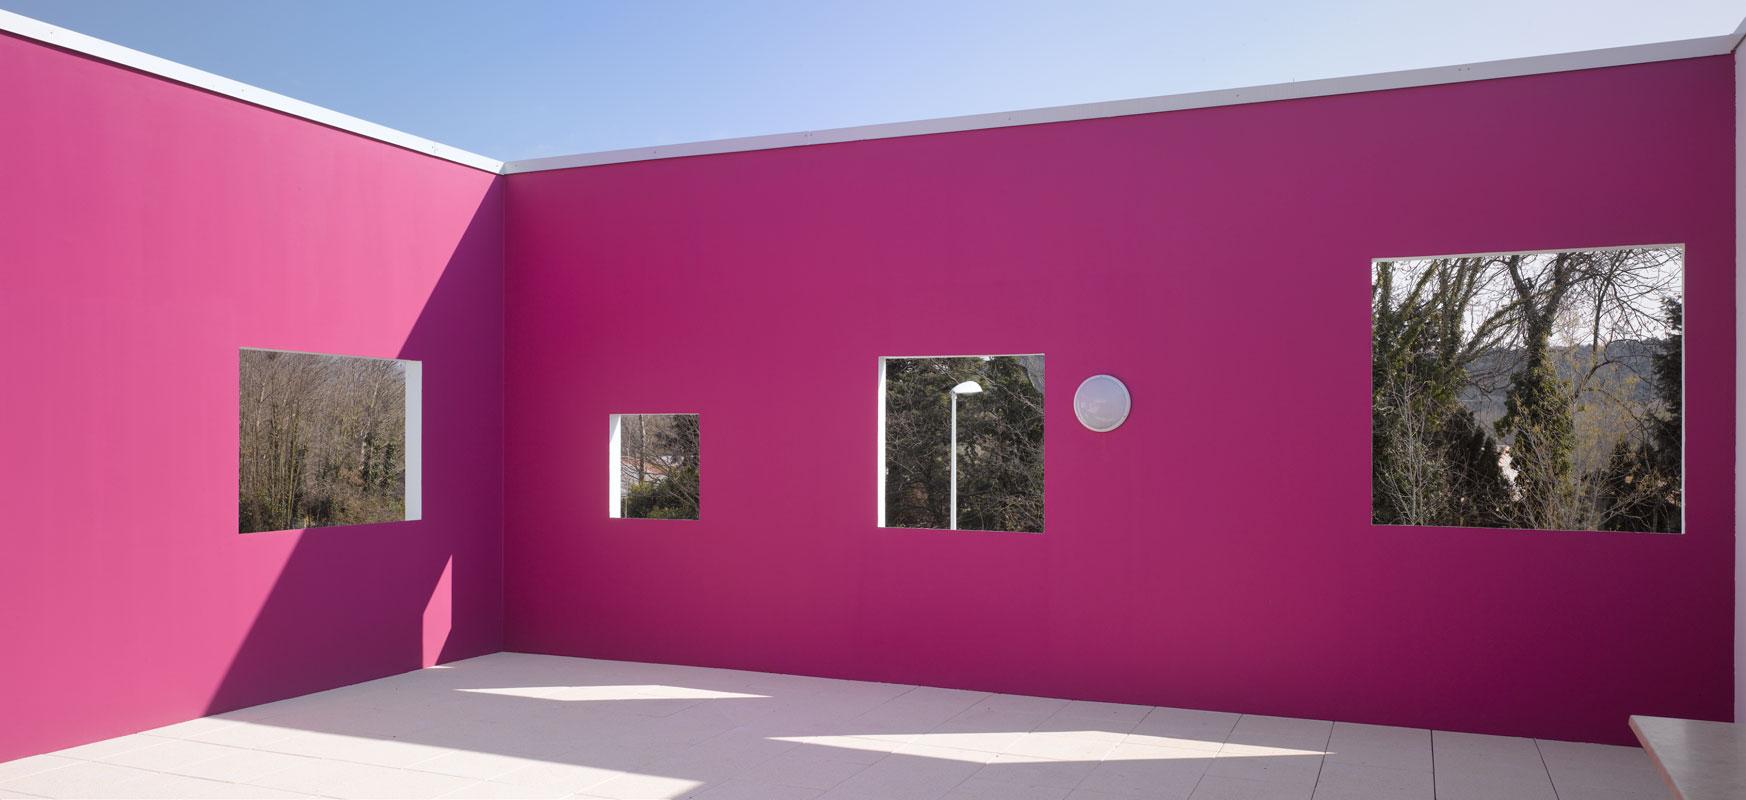 Architectes : Agence d'Architecture 3a.